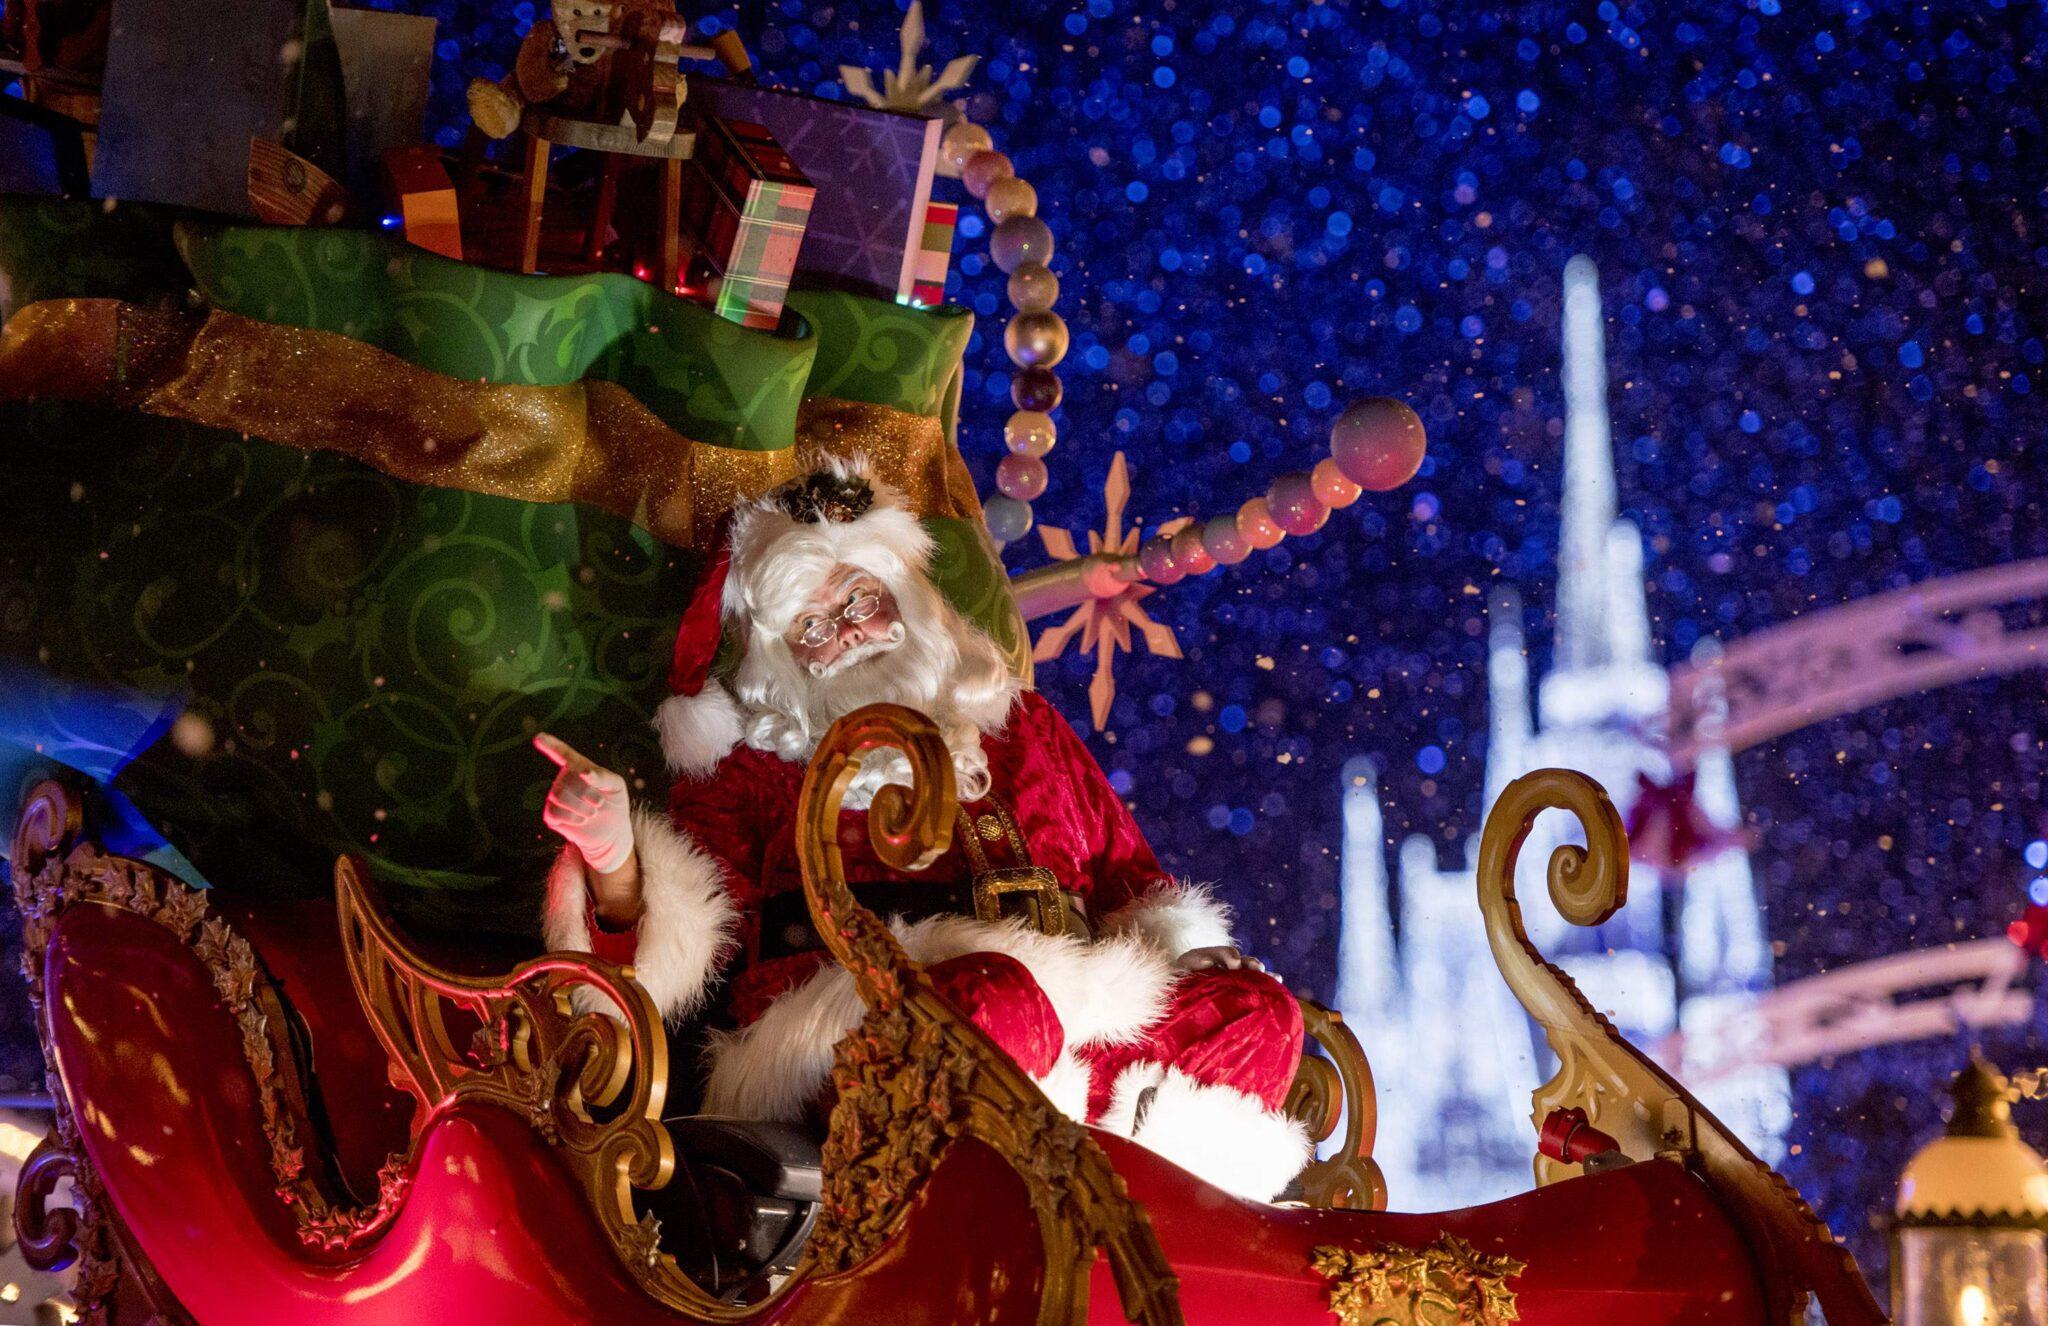 Χριστούγεννα σε θεματικά παρκά